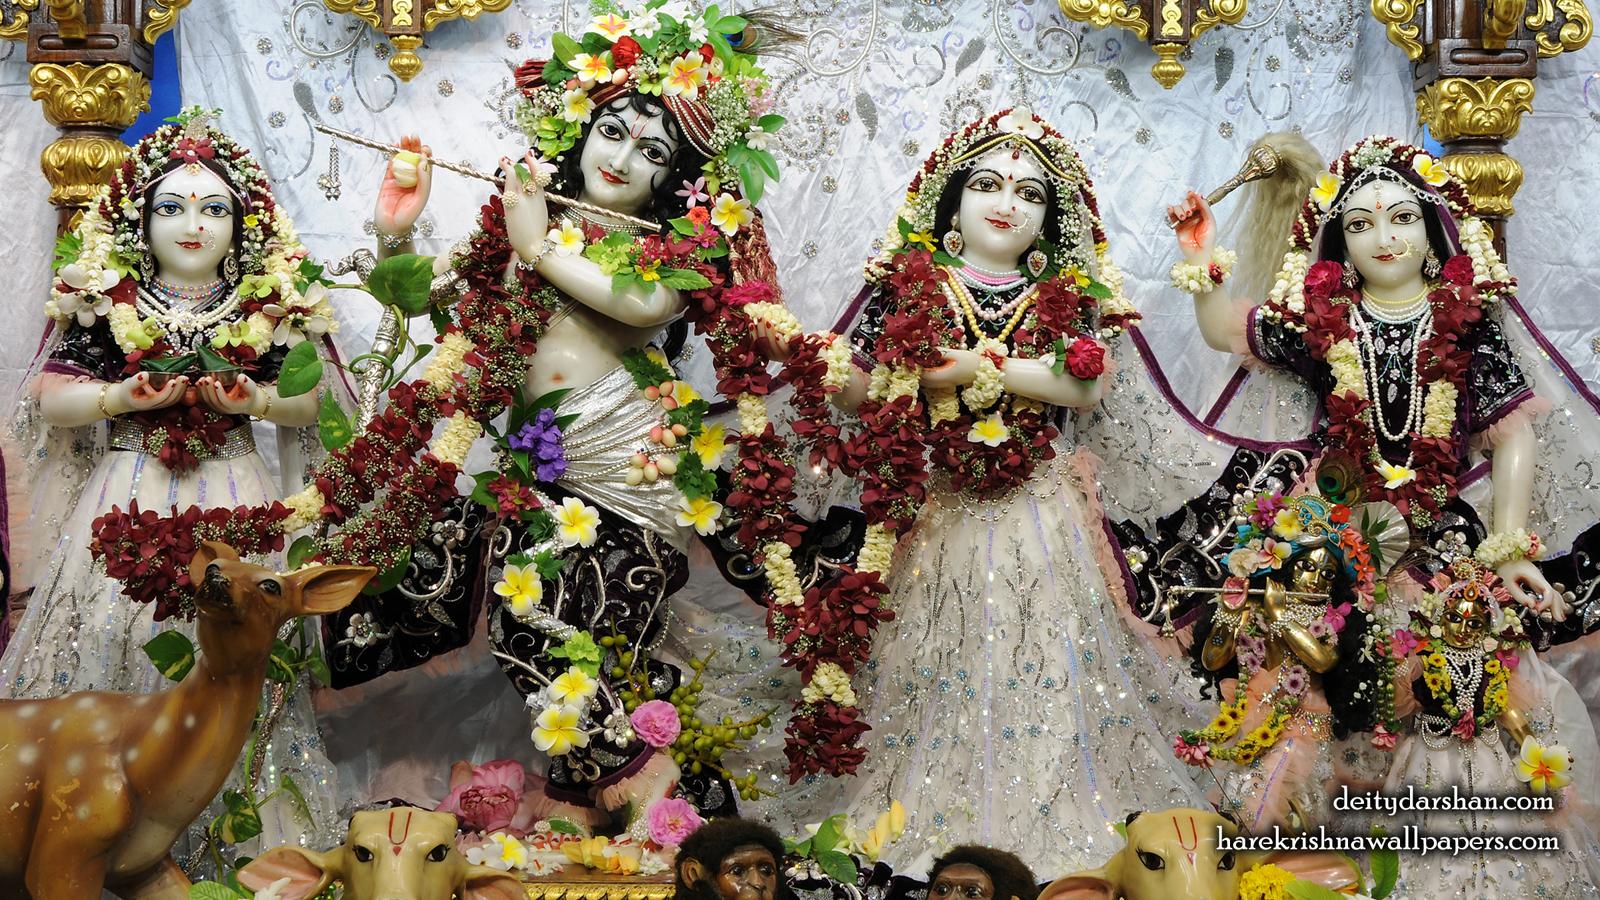 Sri Sri Radha Gopinath Lalita Vishakha Wallpaper (073) Size 1600x900 Download